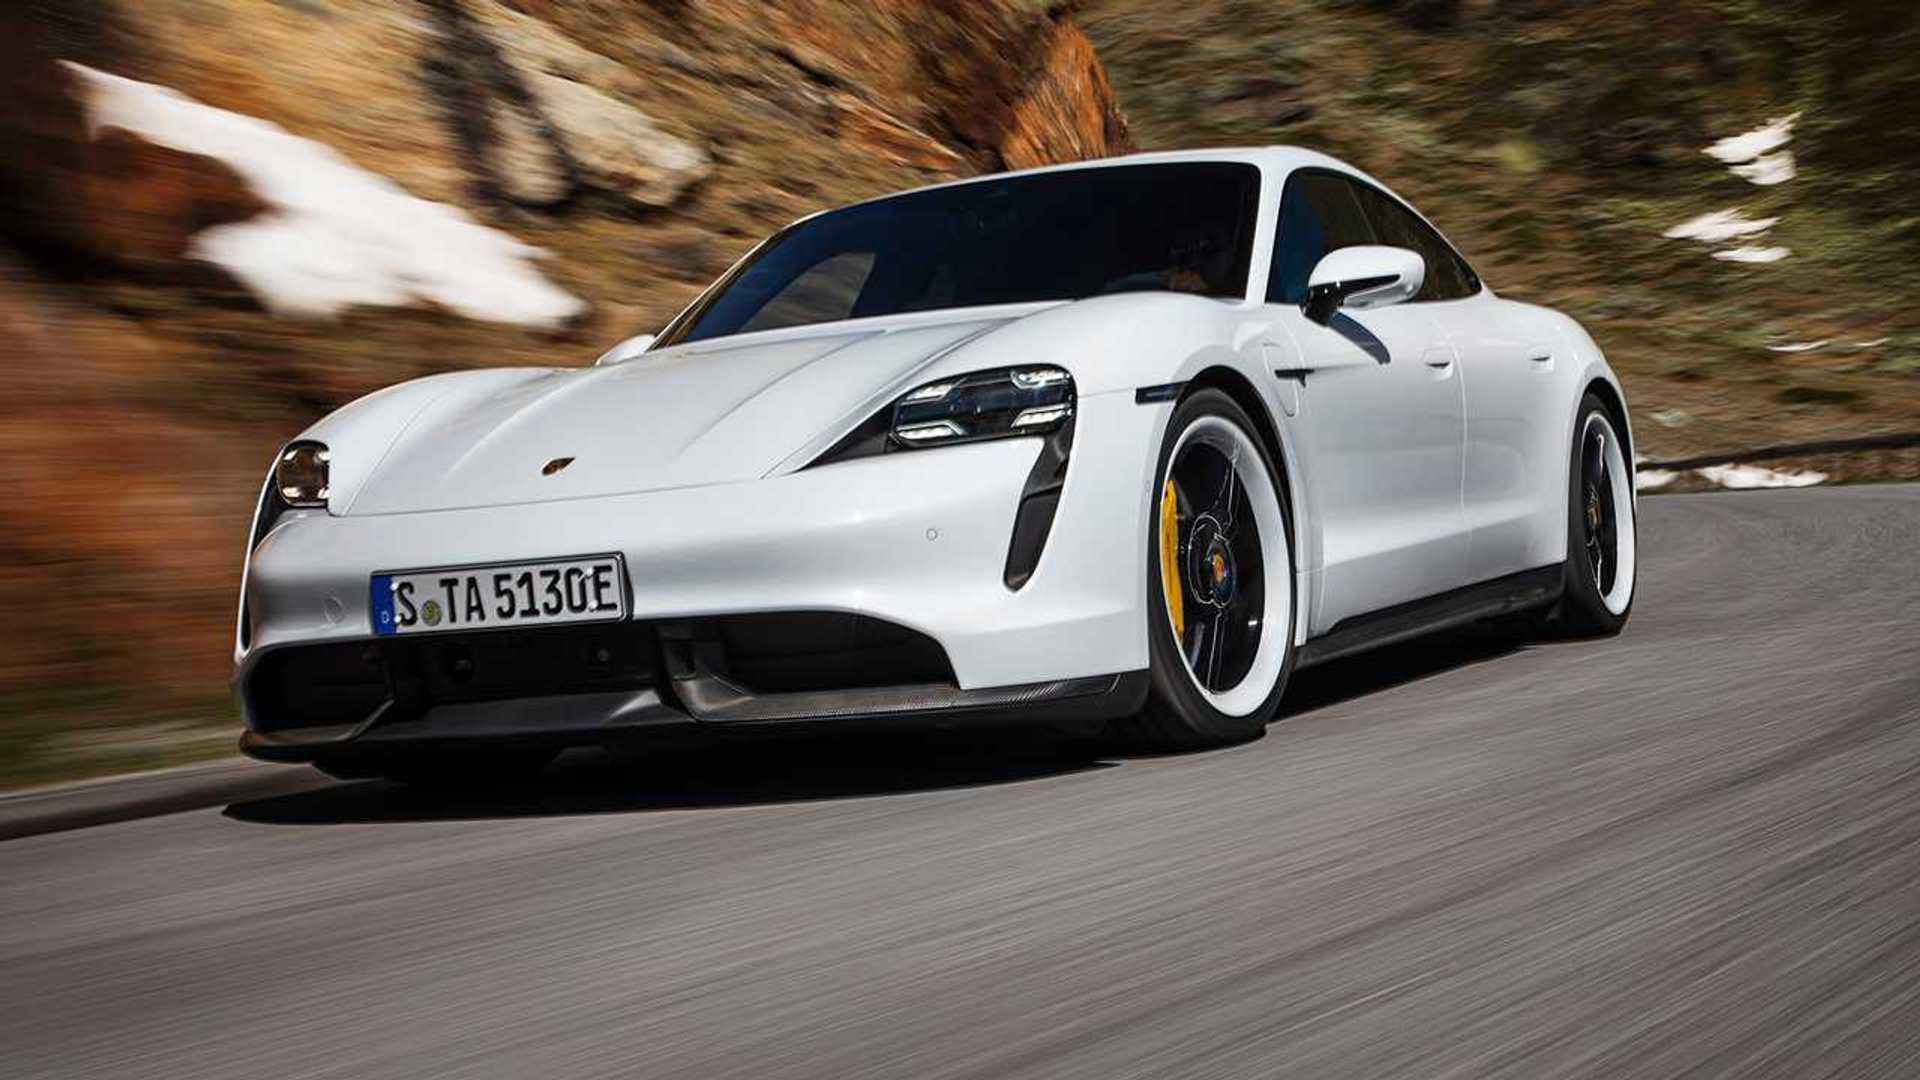 Porsche Taycan News And Reviews Motor1 Com